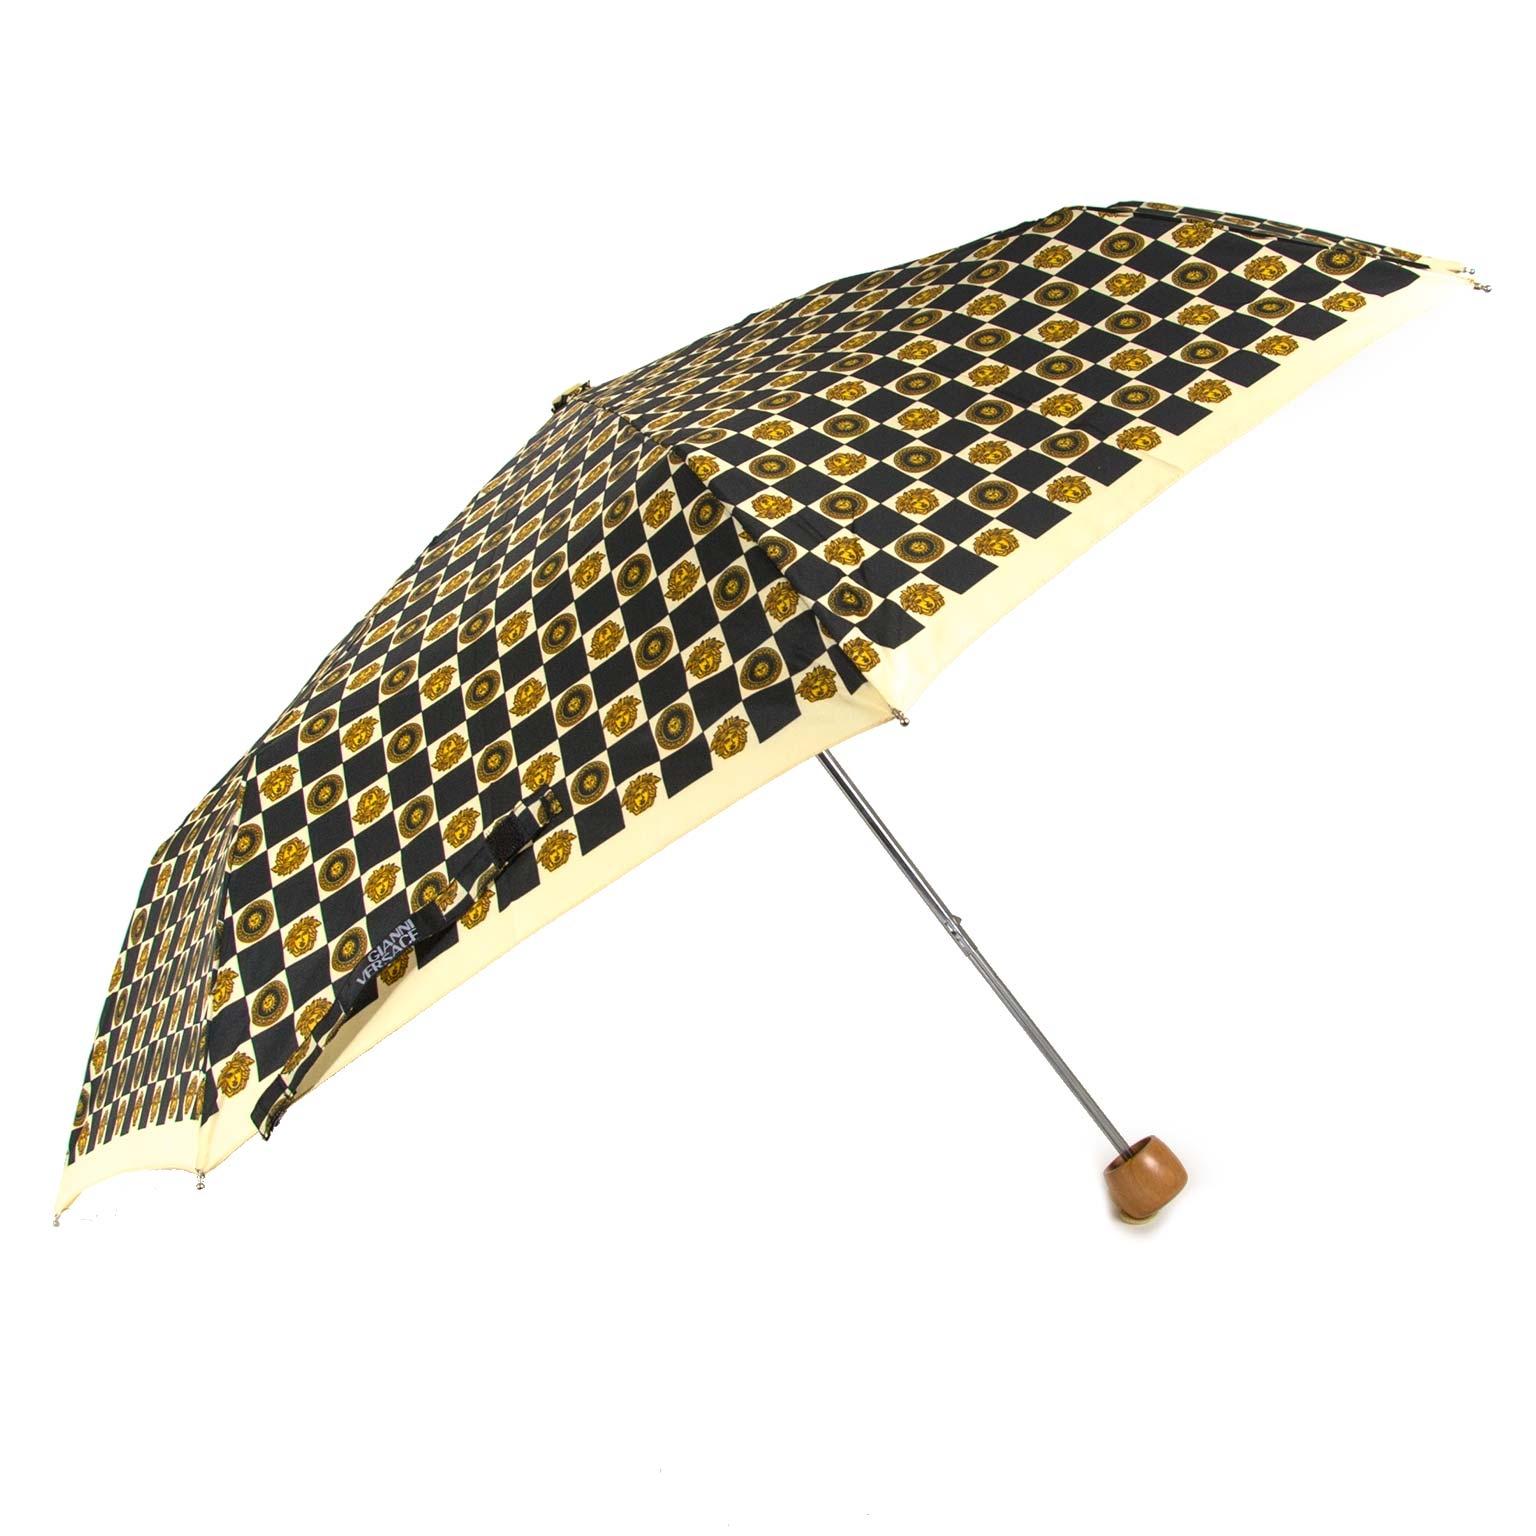 koop authentieke tweedehands Versace Medusa Head Print Umbrella bij labellov antwerpen aan de beste prijs